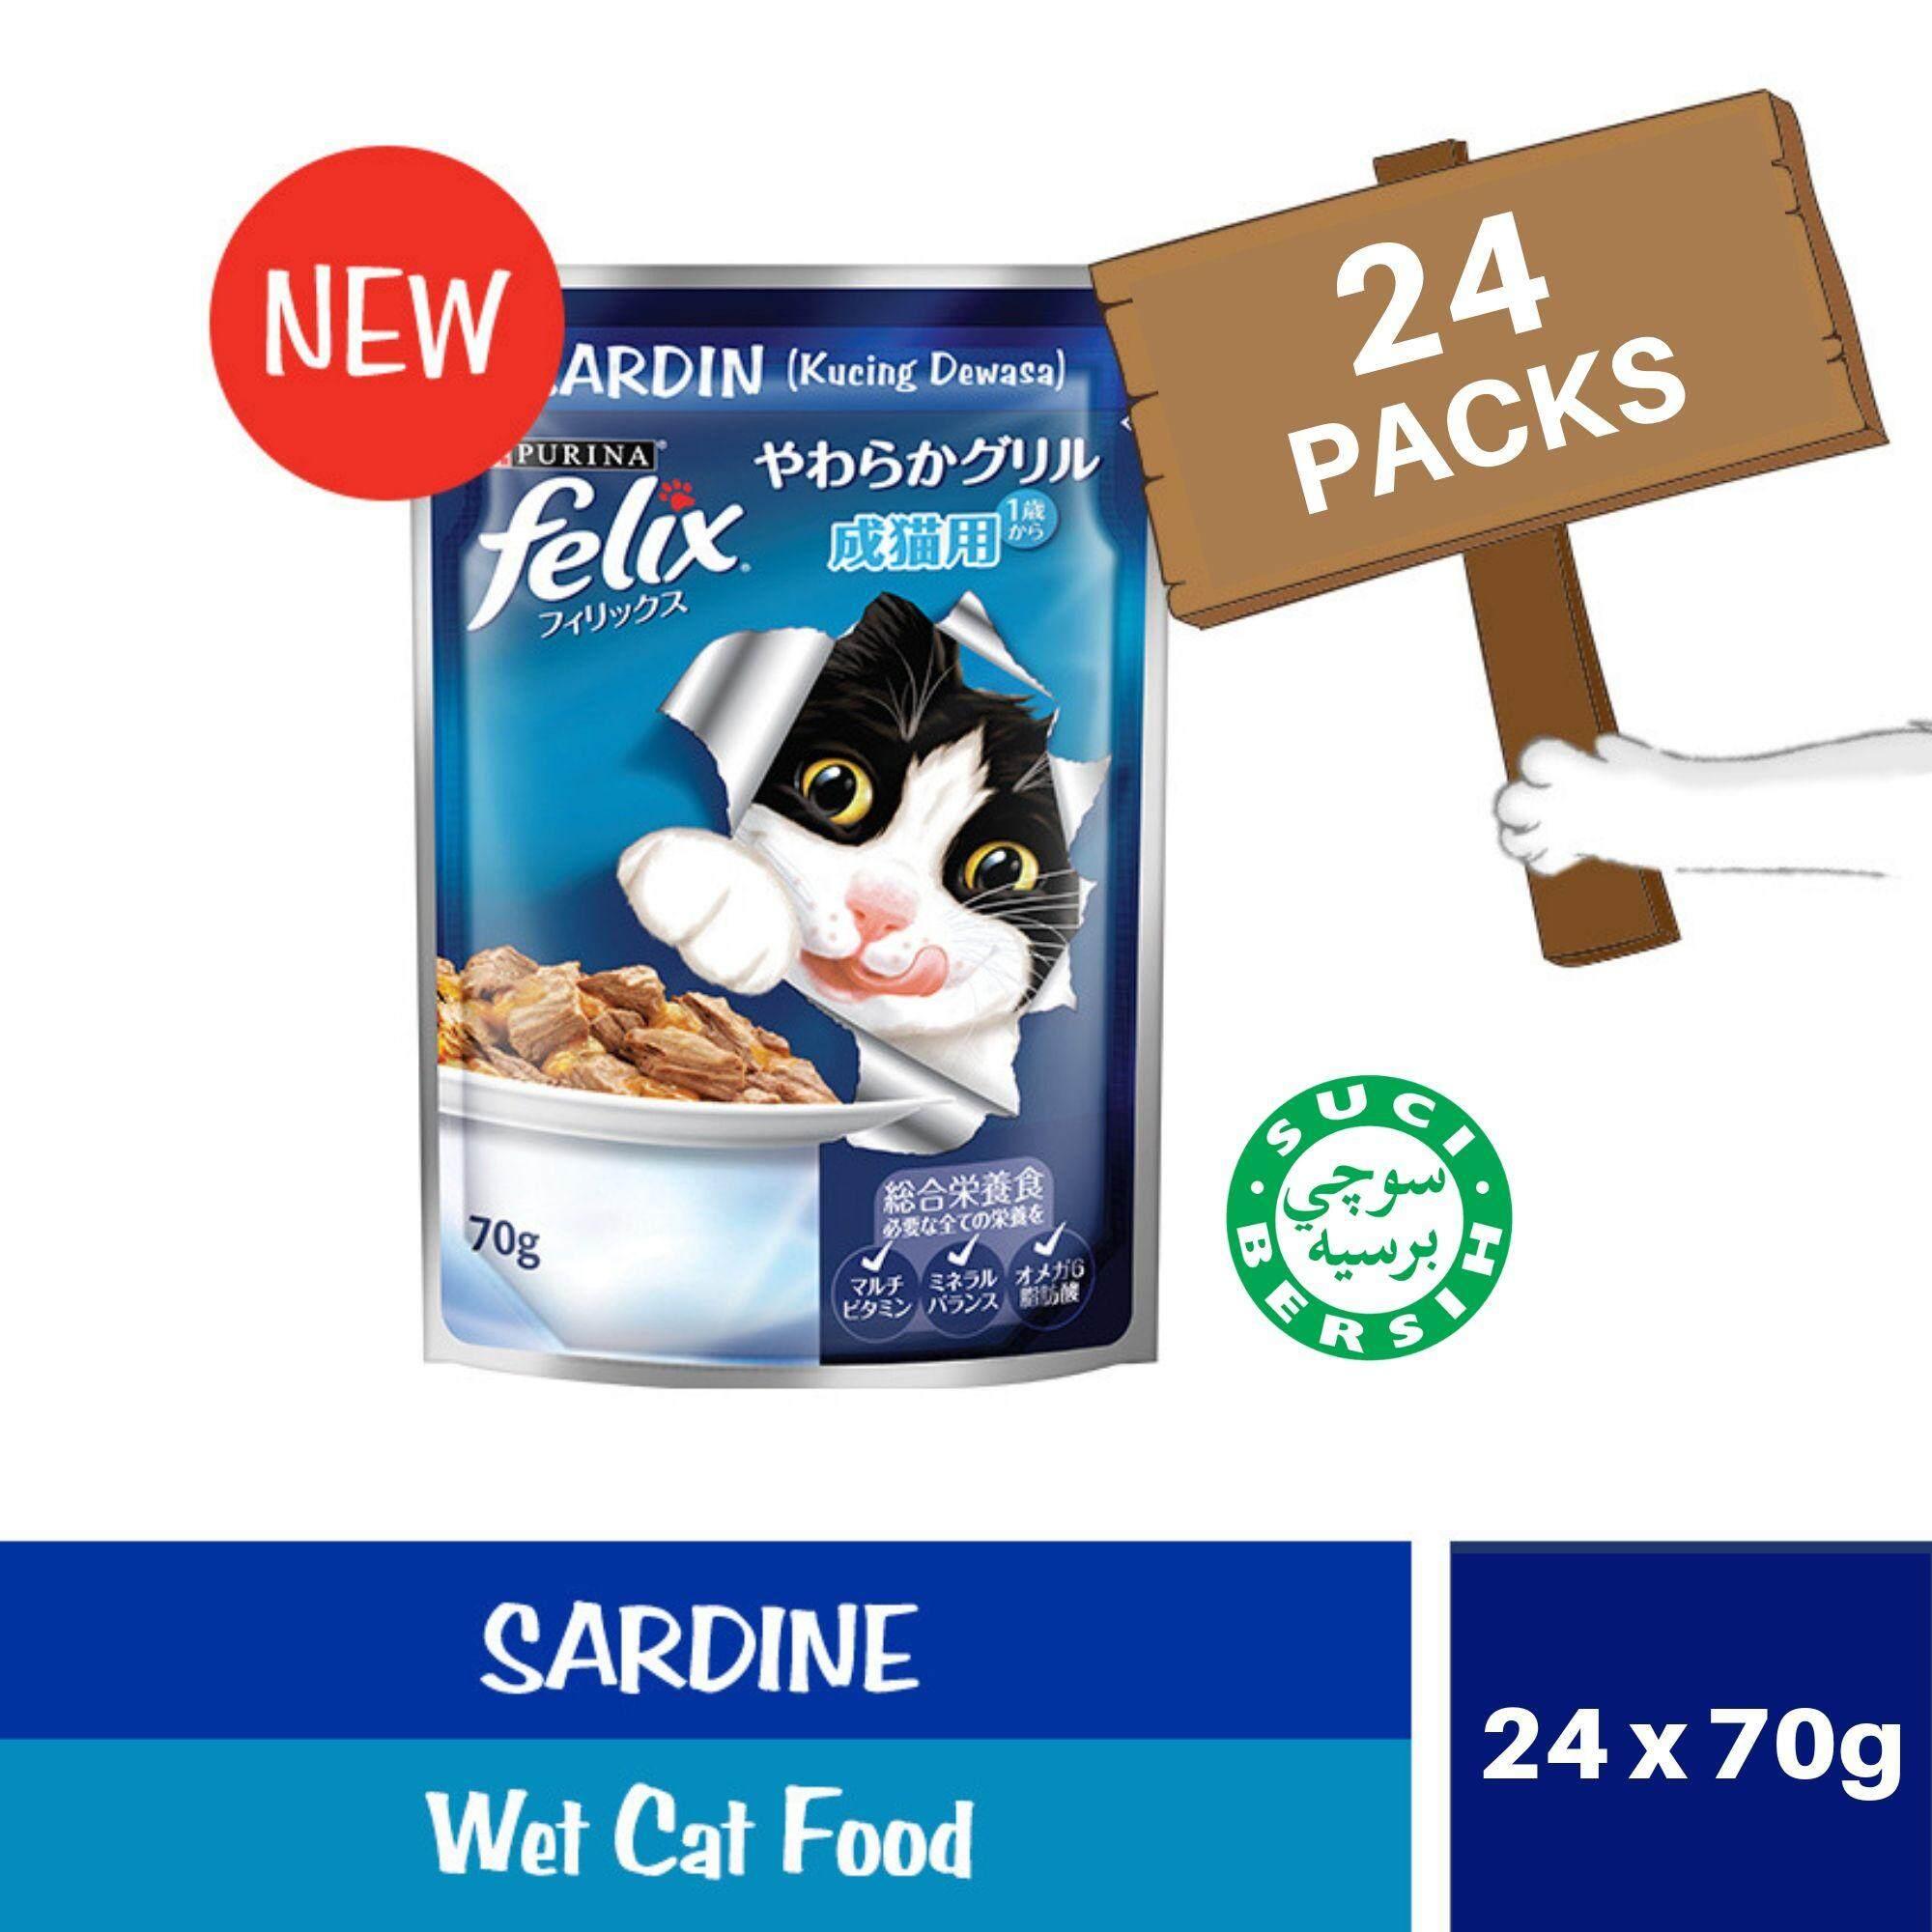 FELIX® Adult Cat Wet Food Pouch Sardine (24 x 70g) - Pet Food/ Wet Food/ Cat Food/  Makanan Kucing